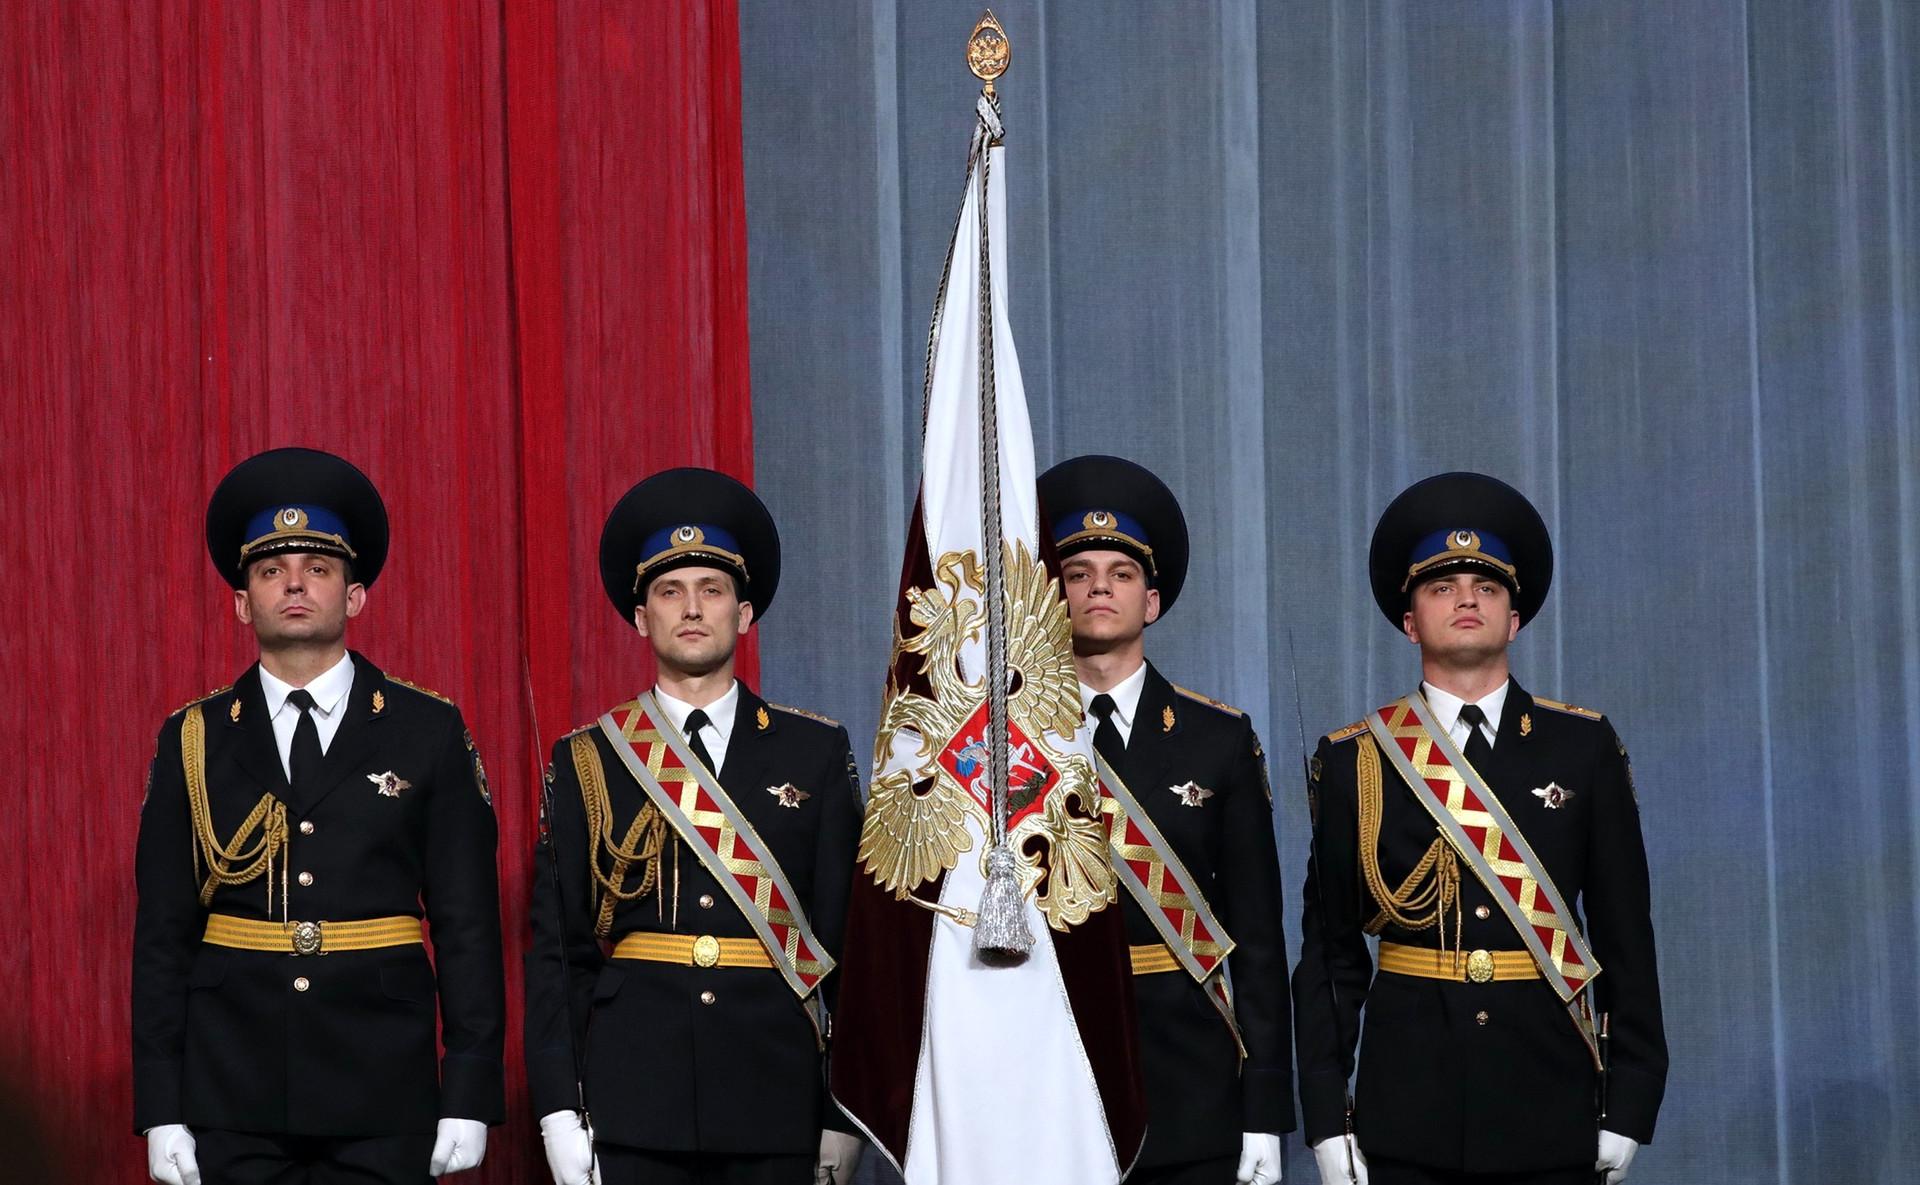 Ruska nacionalna garda (Rosgvardija) na sprejemu v Kremlju, marec 2017